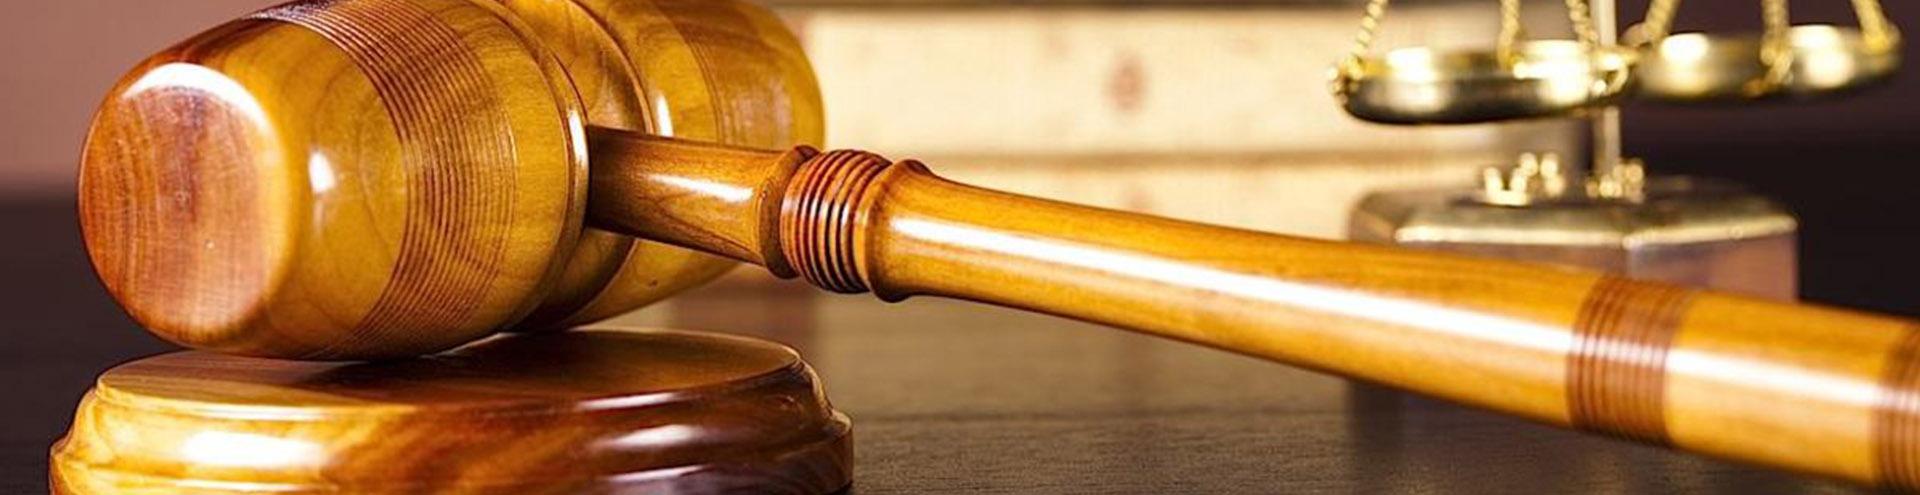 обжалование решения суда в Астрахани и Астраханской области